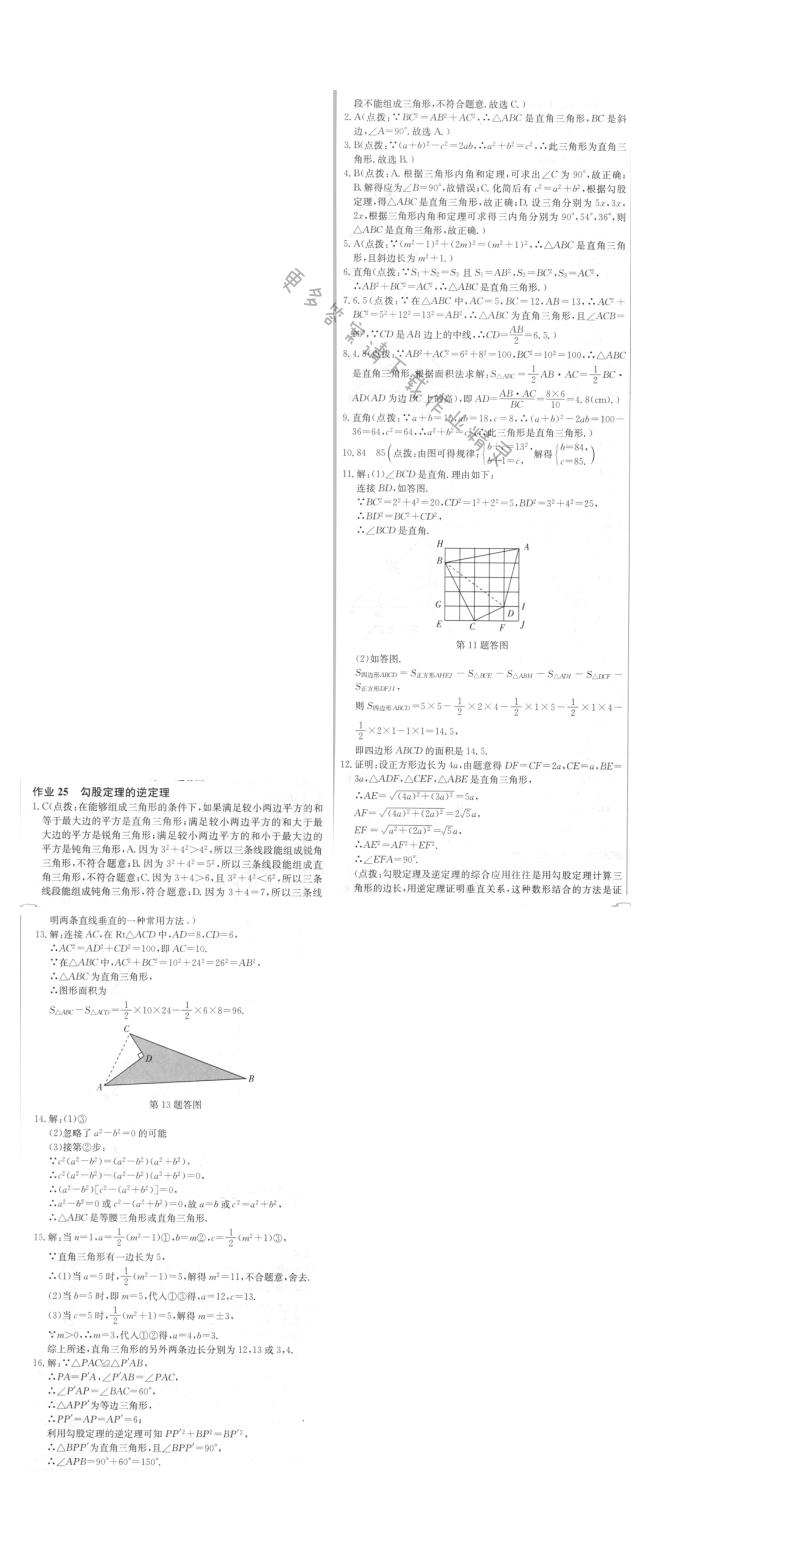 启东中学作业本八年级数学上册江苏版 作业25